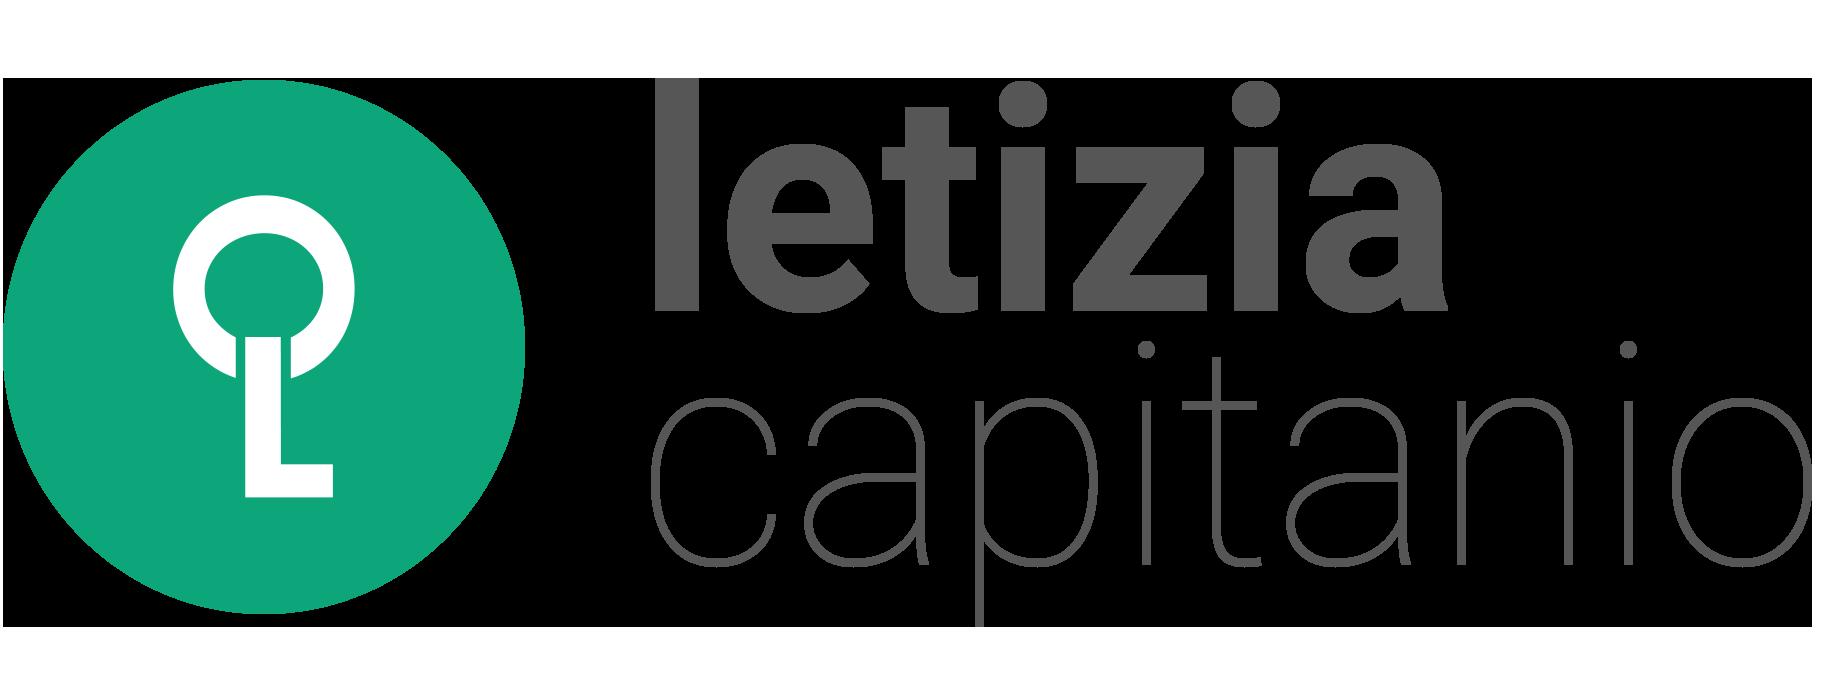 Letizia Capitanio DeSign